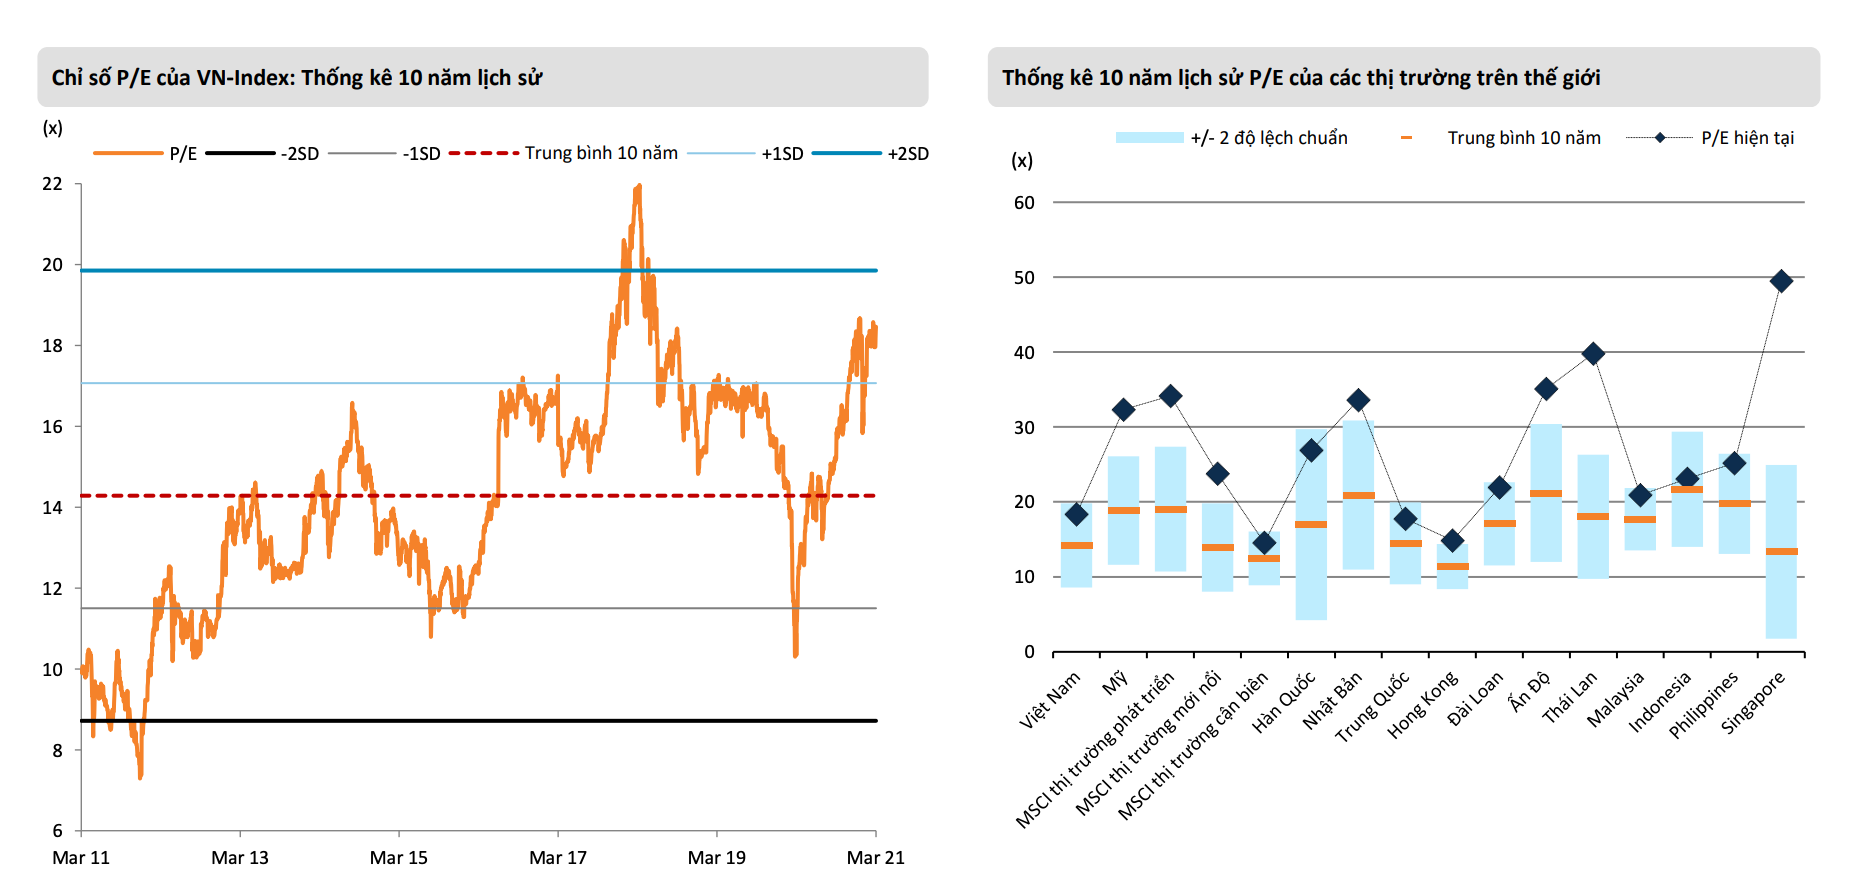 Mirae Asset: EPS tăng mạnh, VN-Index hướng tới mốc 1.400 điểm trong năm 2021  - Ảnh 1.